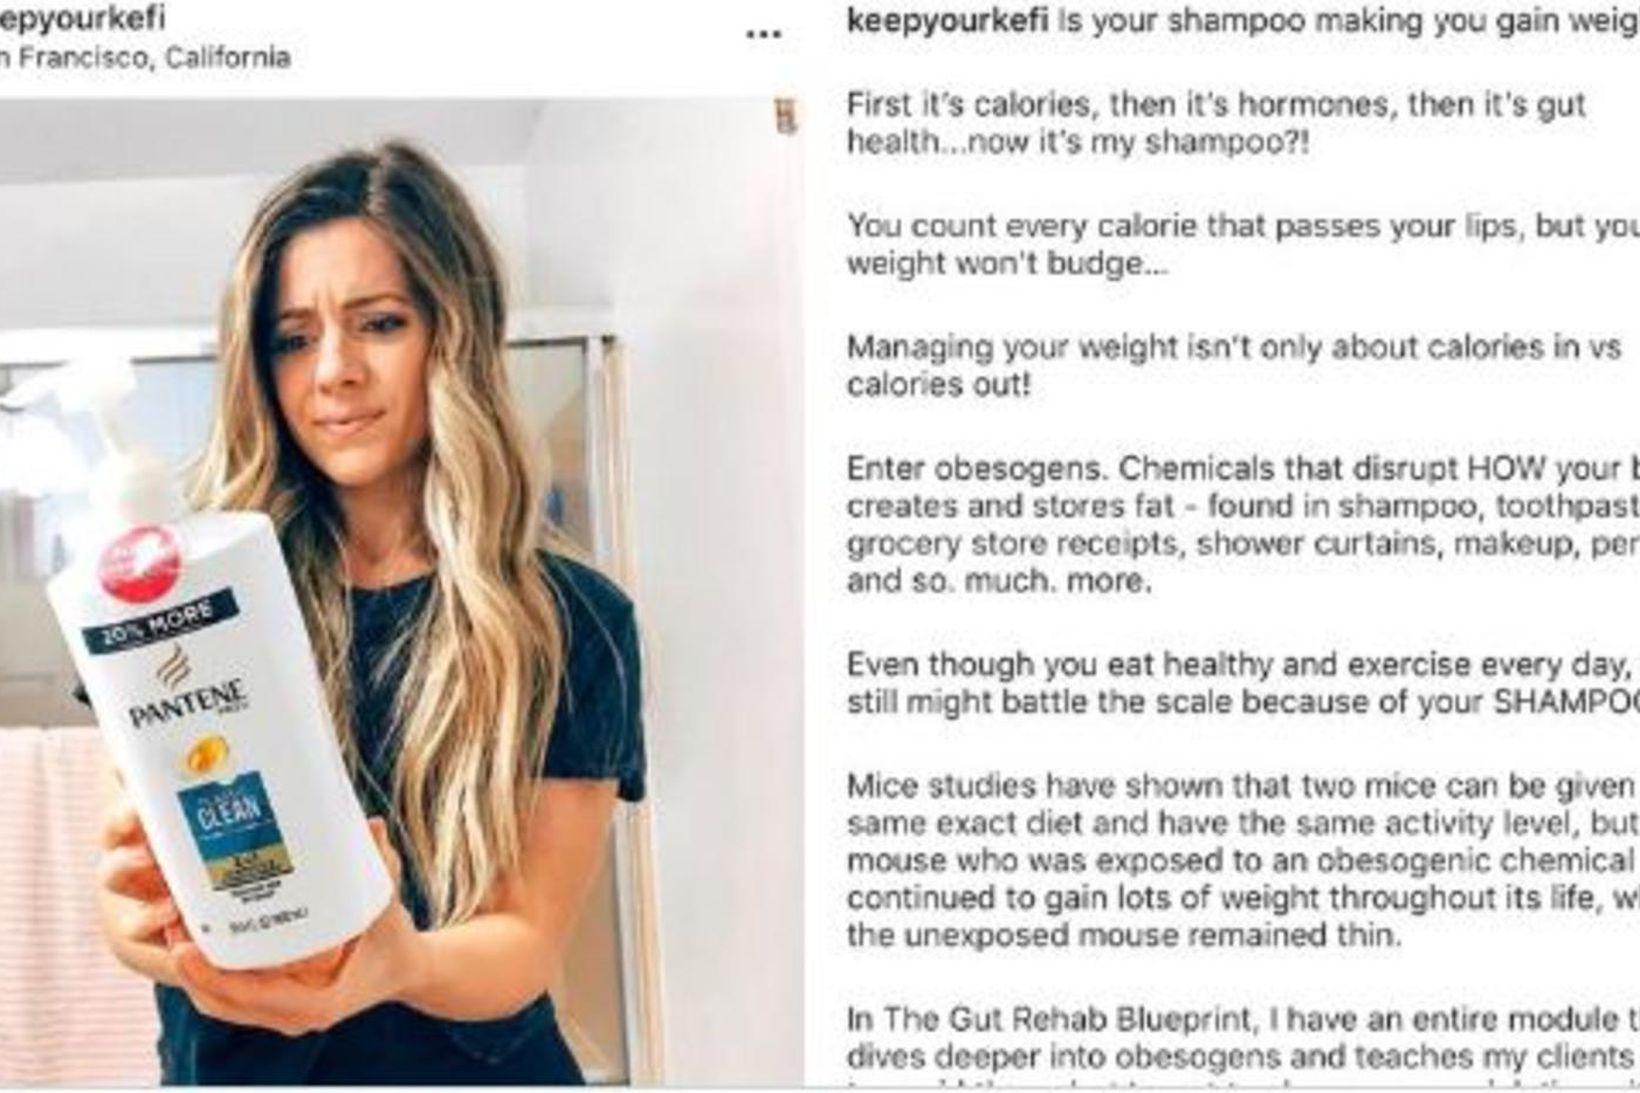 Færsla áhrifavaldsins Eleni Chechopoulos á Instagram hefur vakið athygli á …